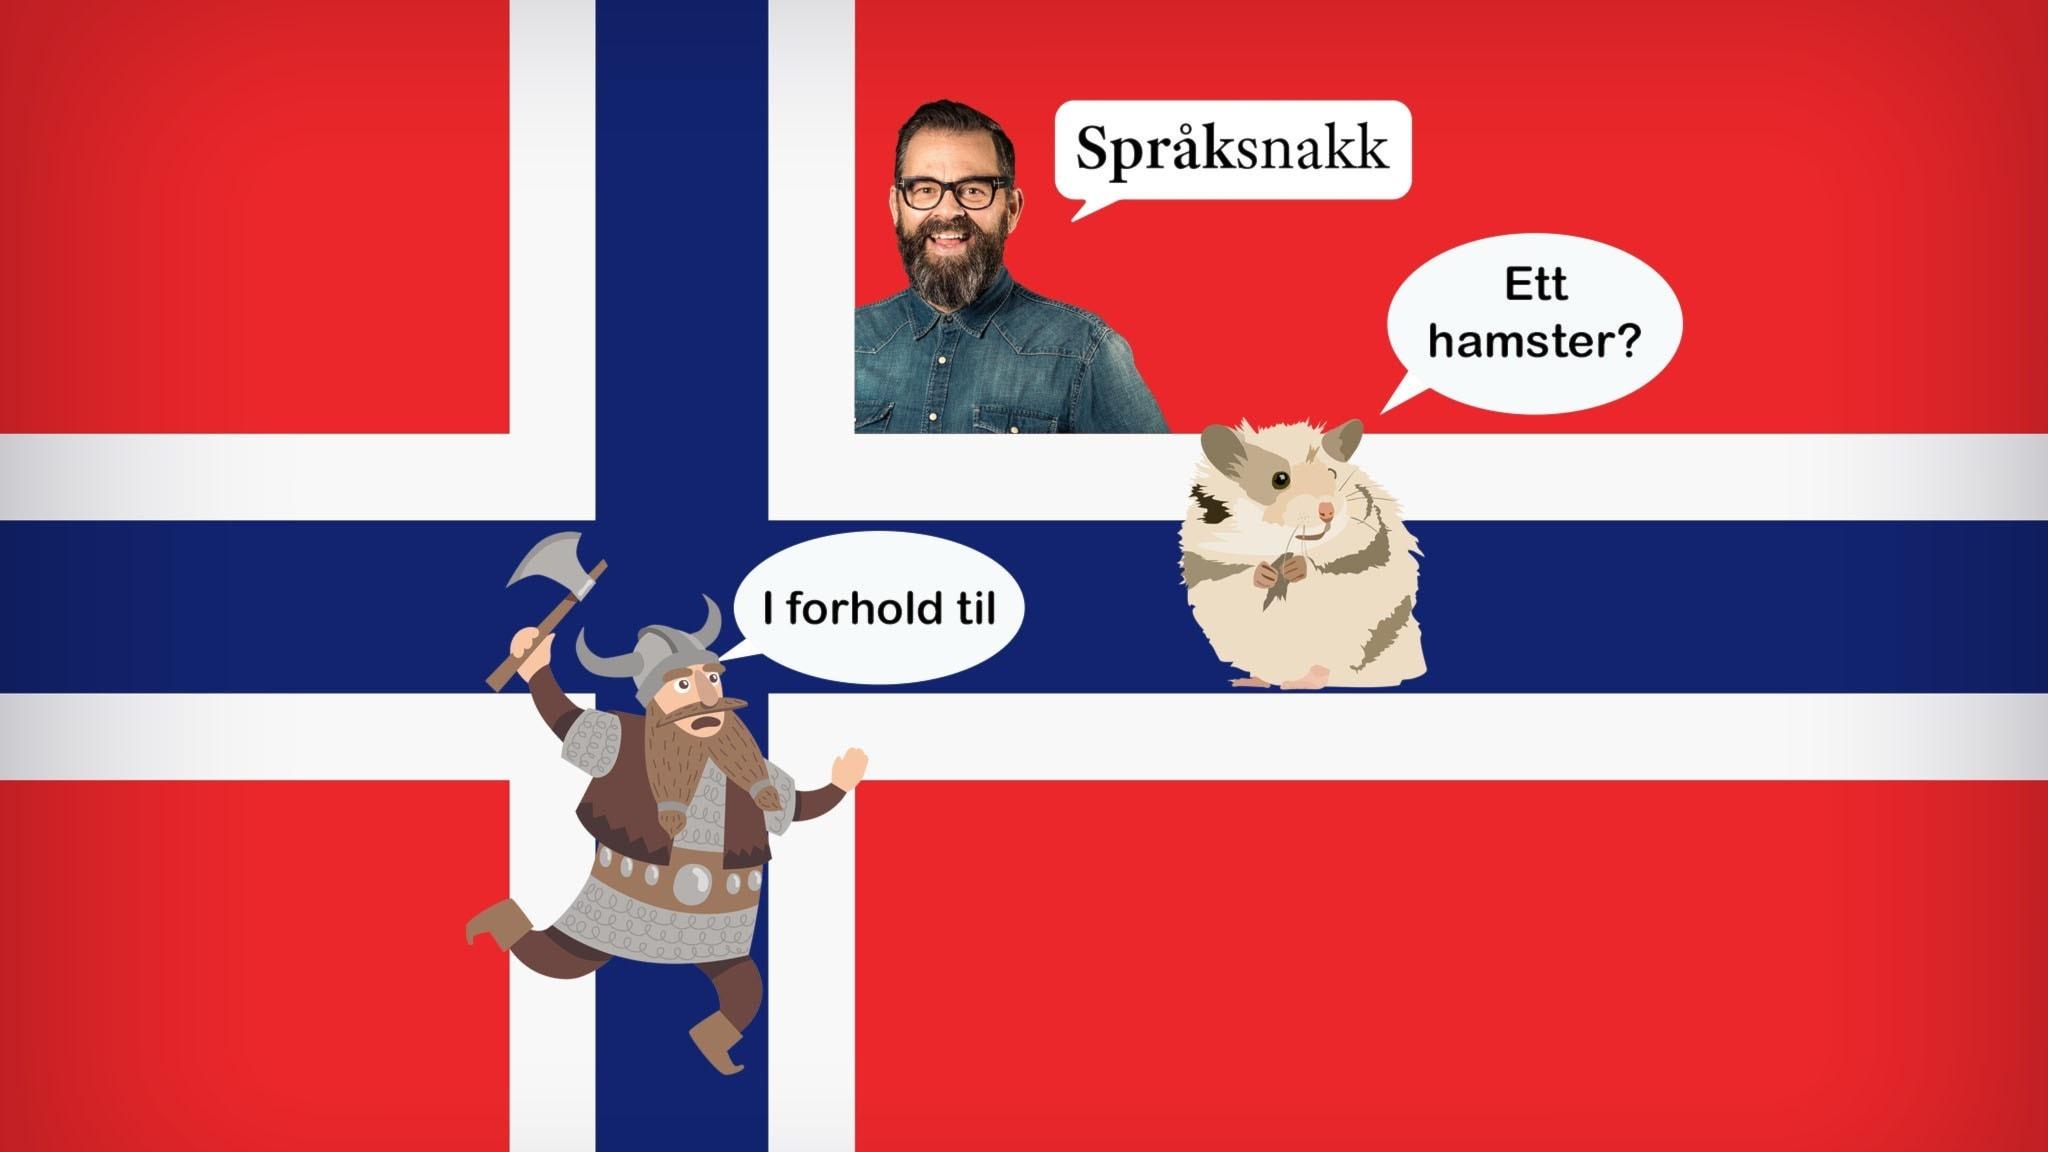 """Norsk flagga med inklippta bilder på Språksnakks programledare Klaus Sonstad, en hamster med pratbubbla som säger """"ett hamster?"""" och en viking som säger """"i forhold til."""